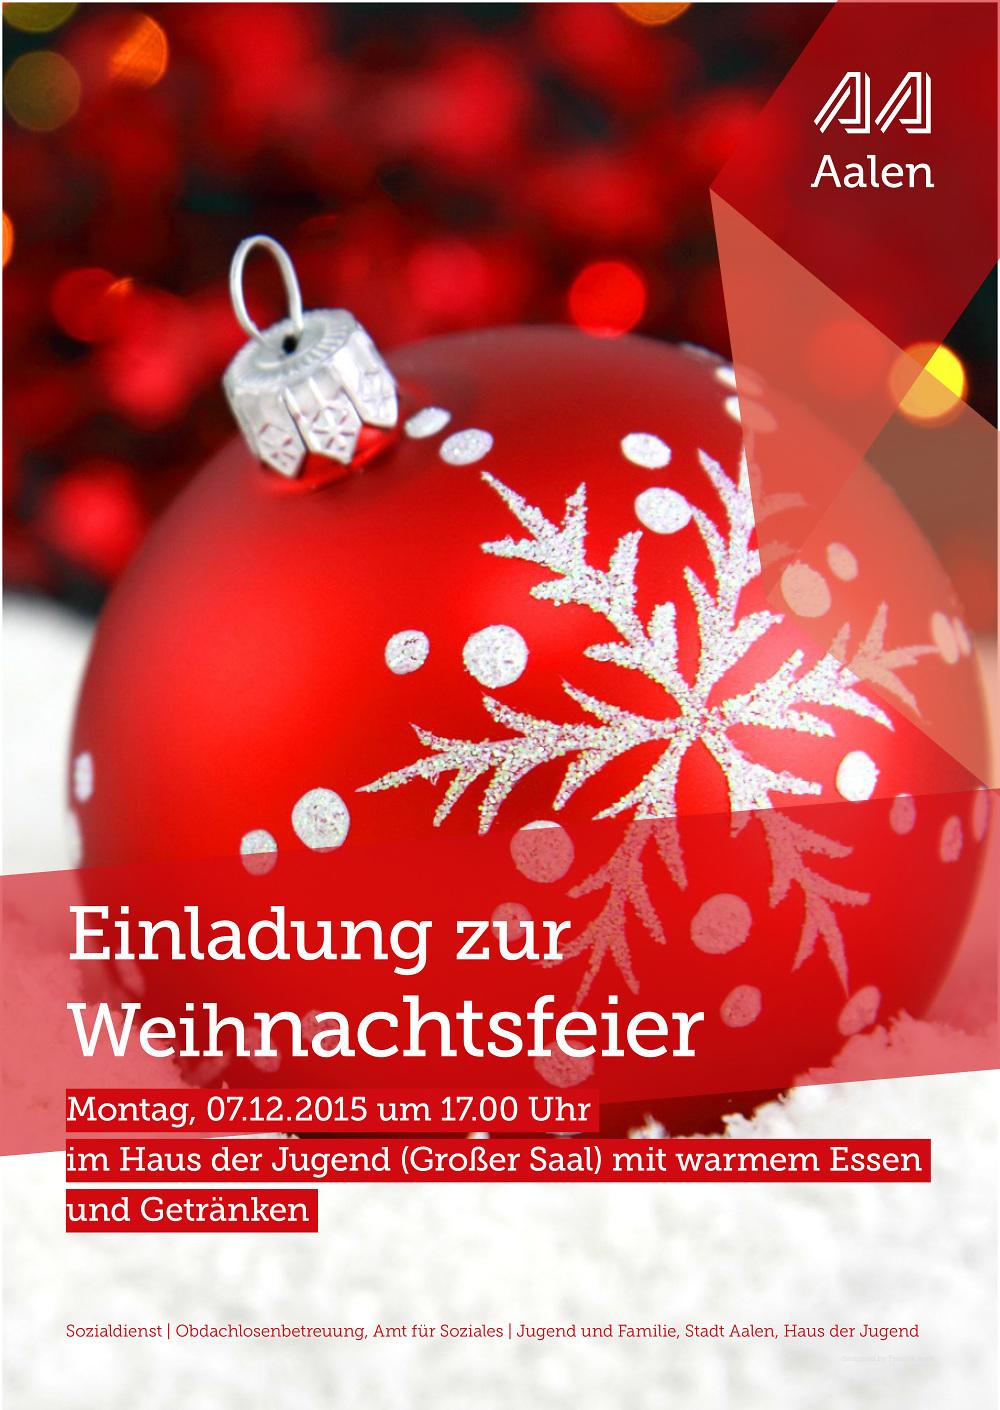 einladung zur weihnachtsfeier - kultur & tourismus